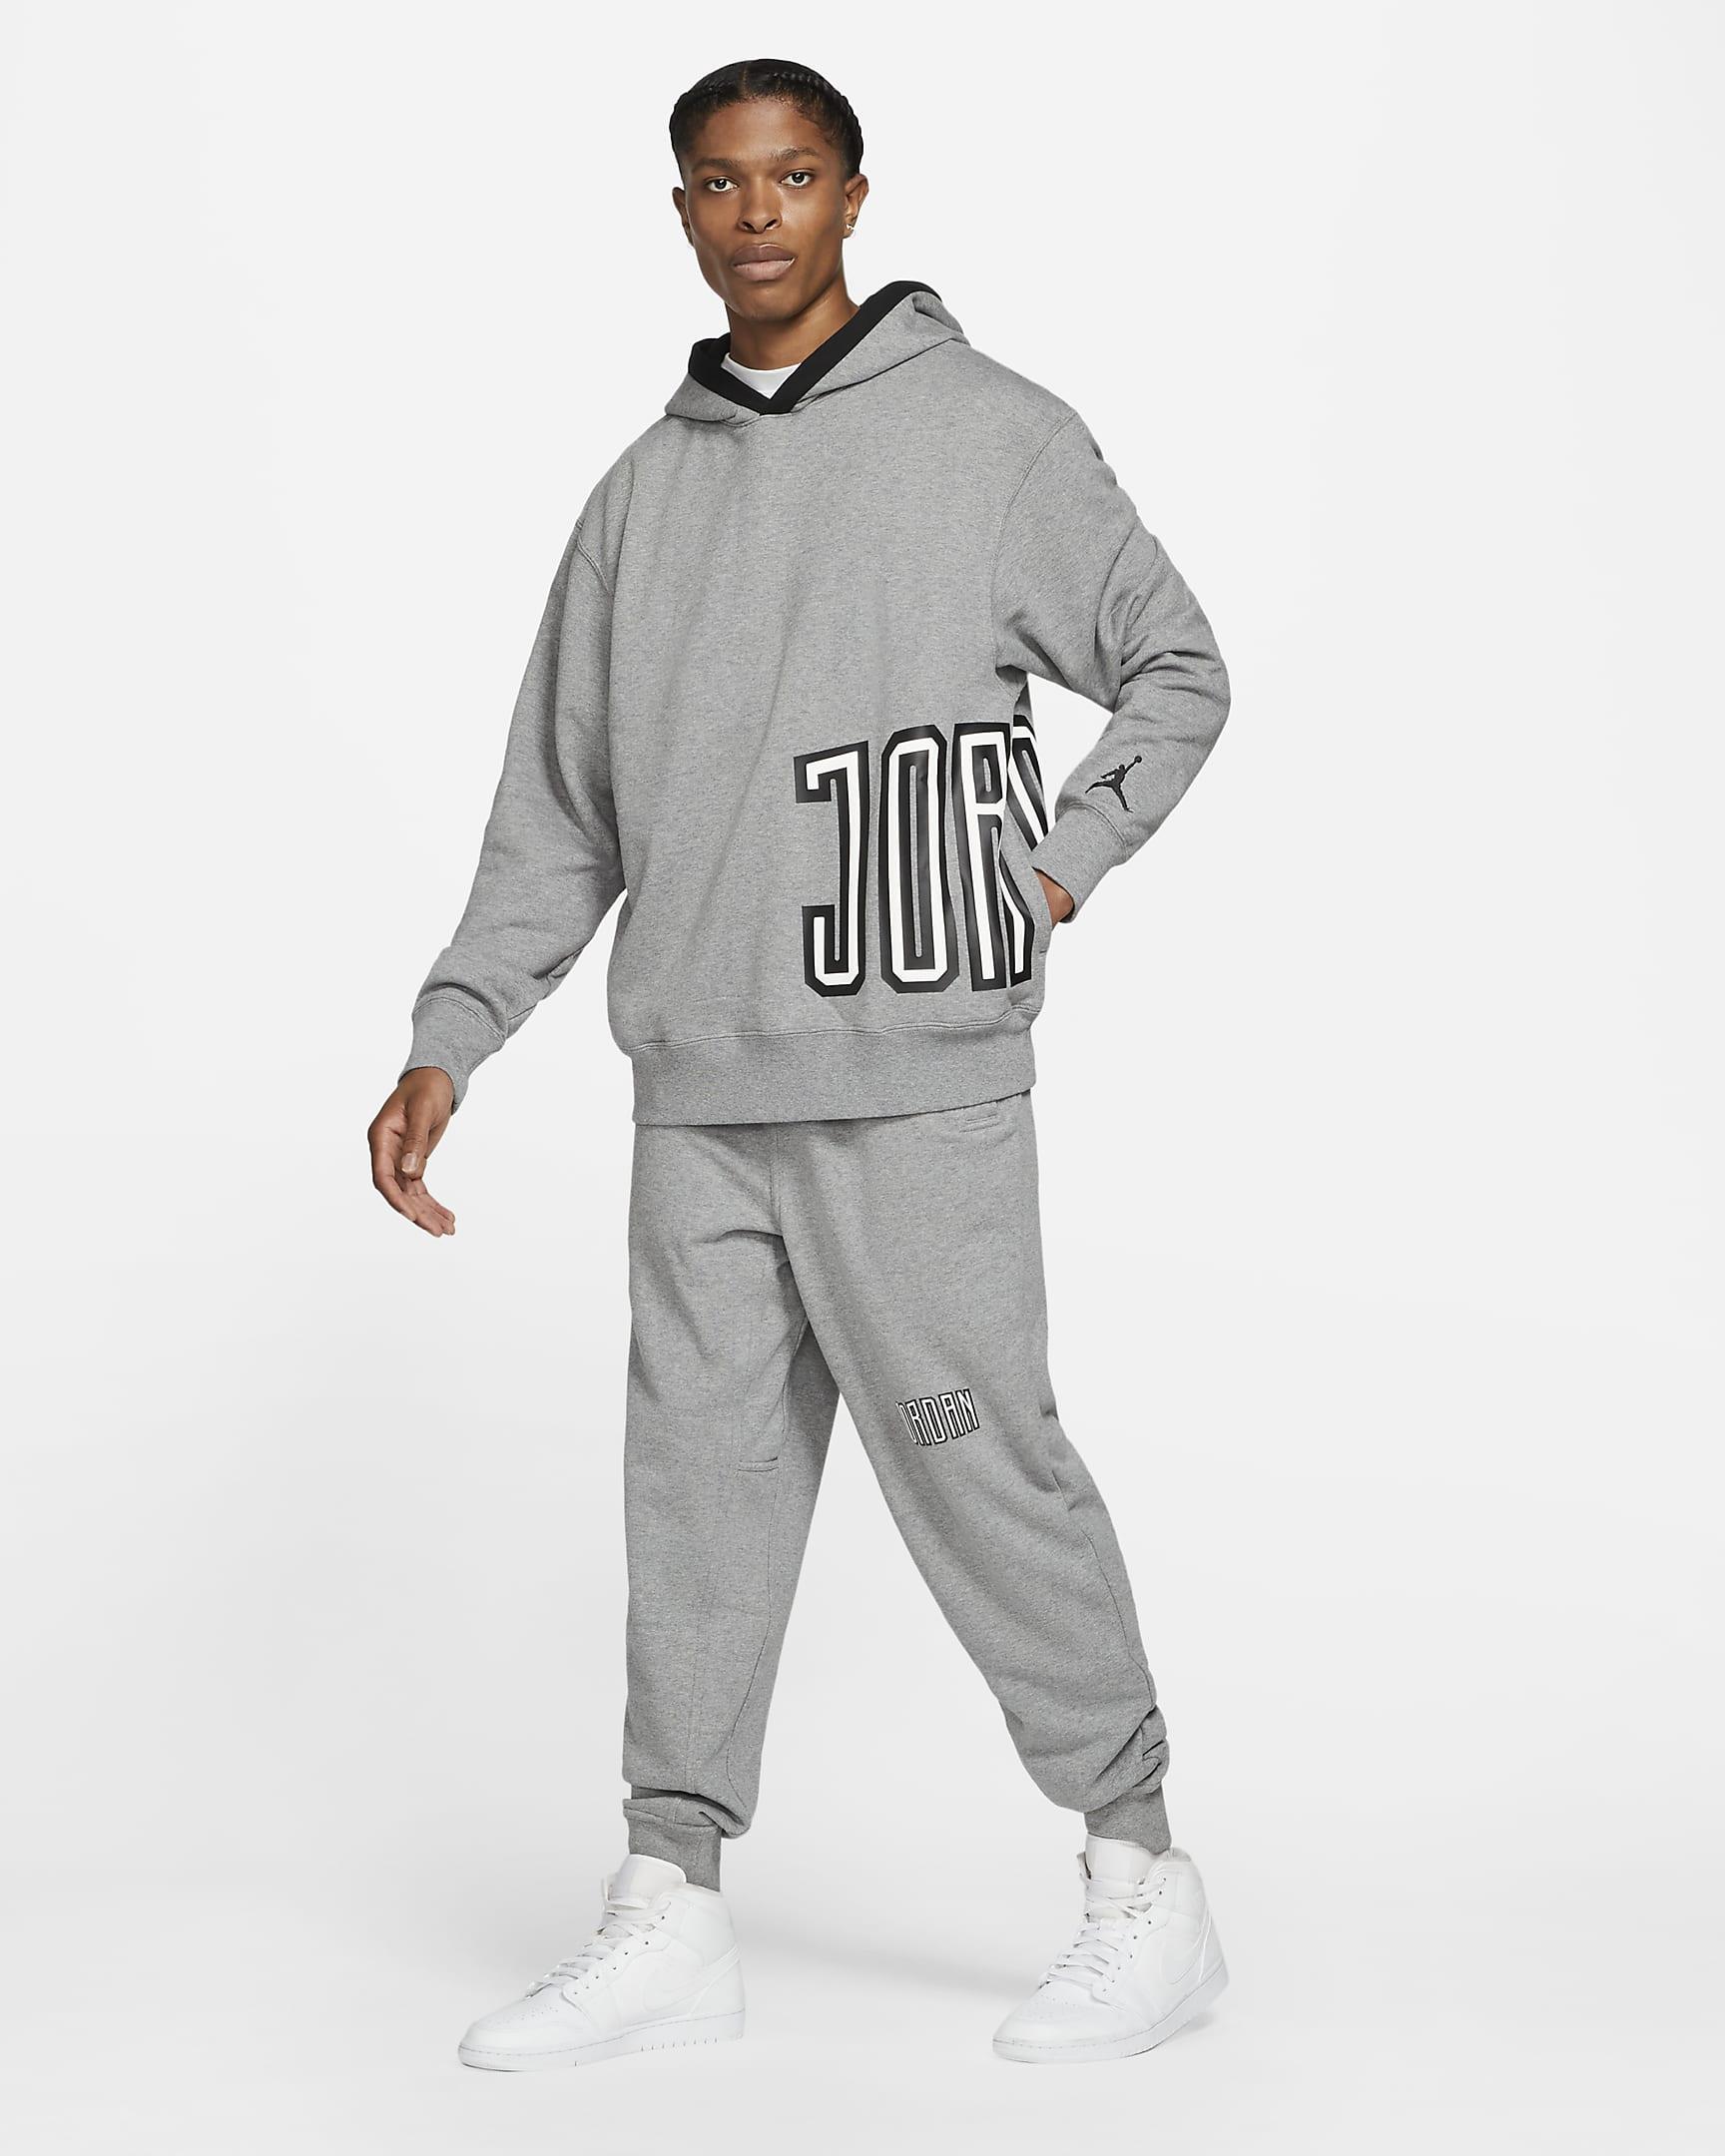 jordan-sport-dna-mens-fleece-hoodie-xTcsrn-6.png